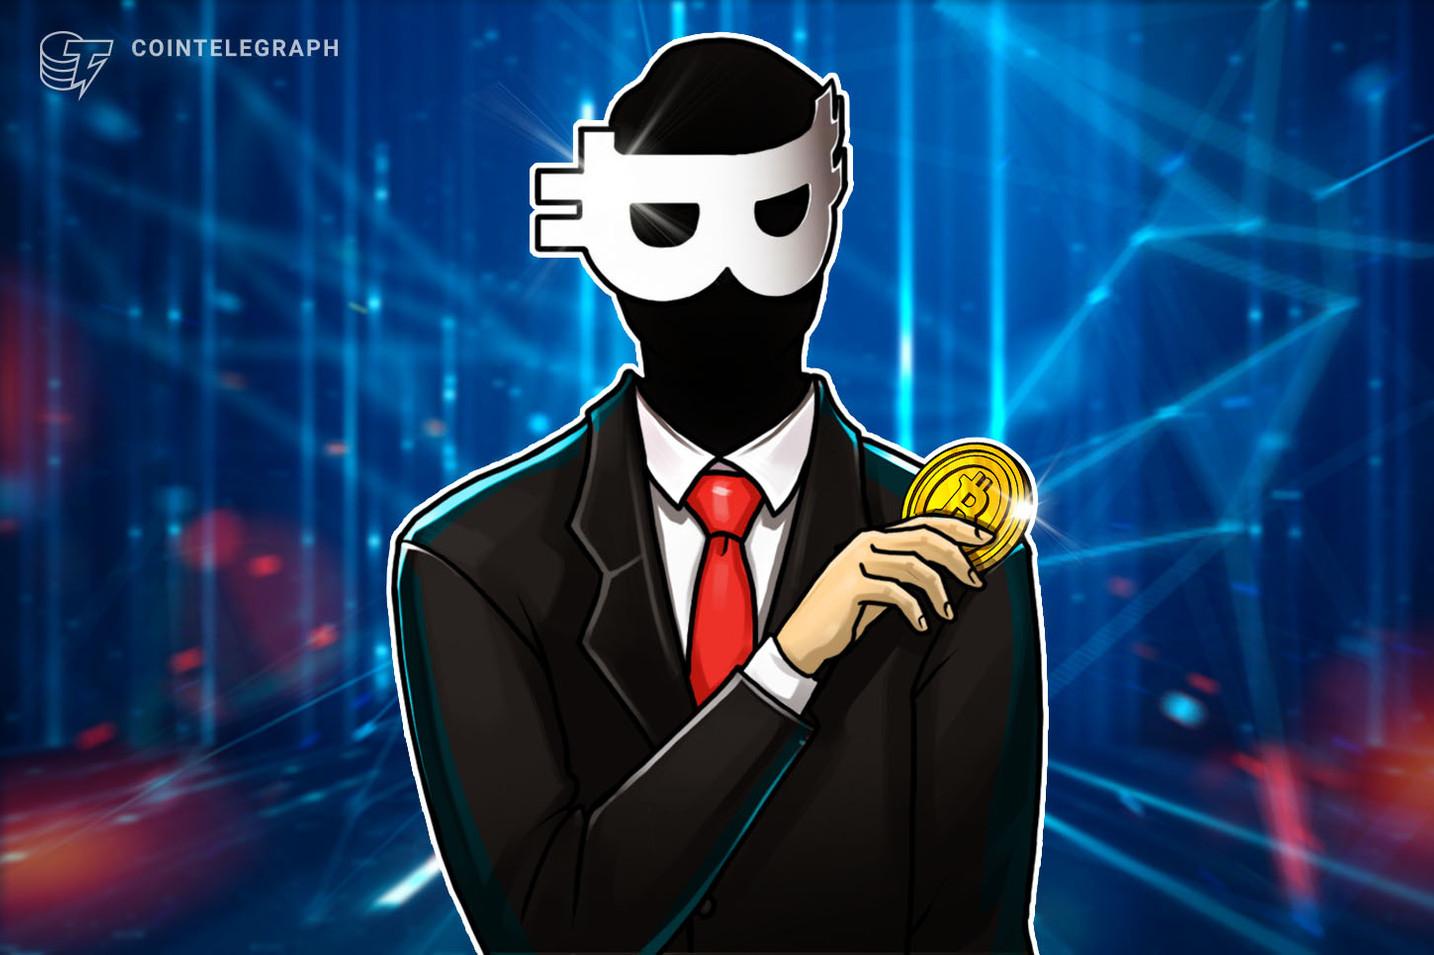 Bitcoin'i Geliştiren Satoshi Nakamoto'nun Serveti Dudak Uçuklatıyor